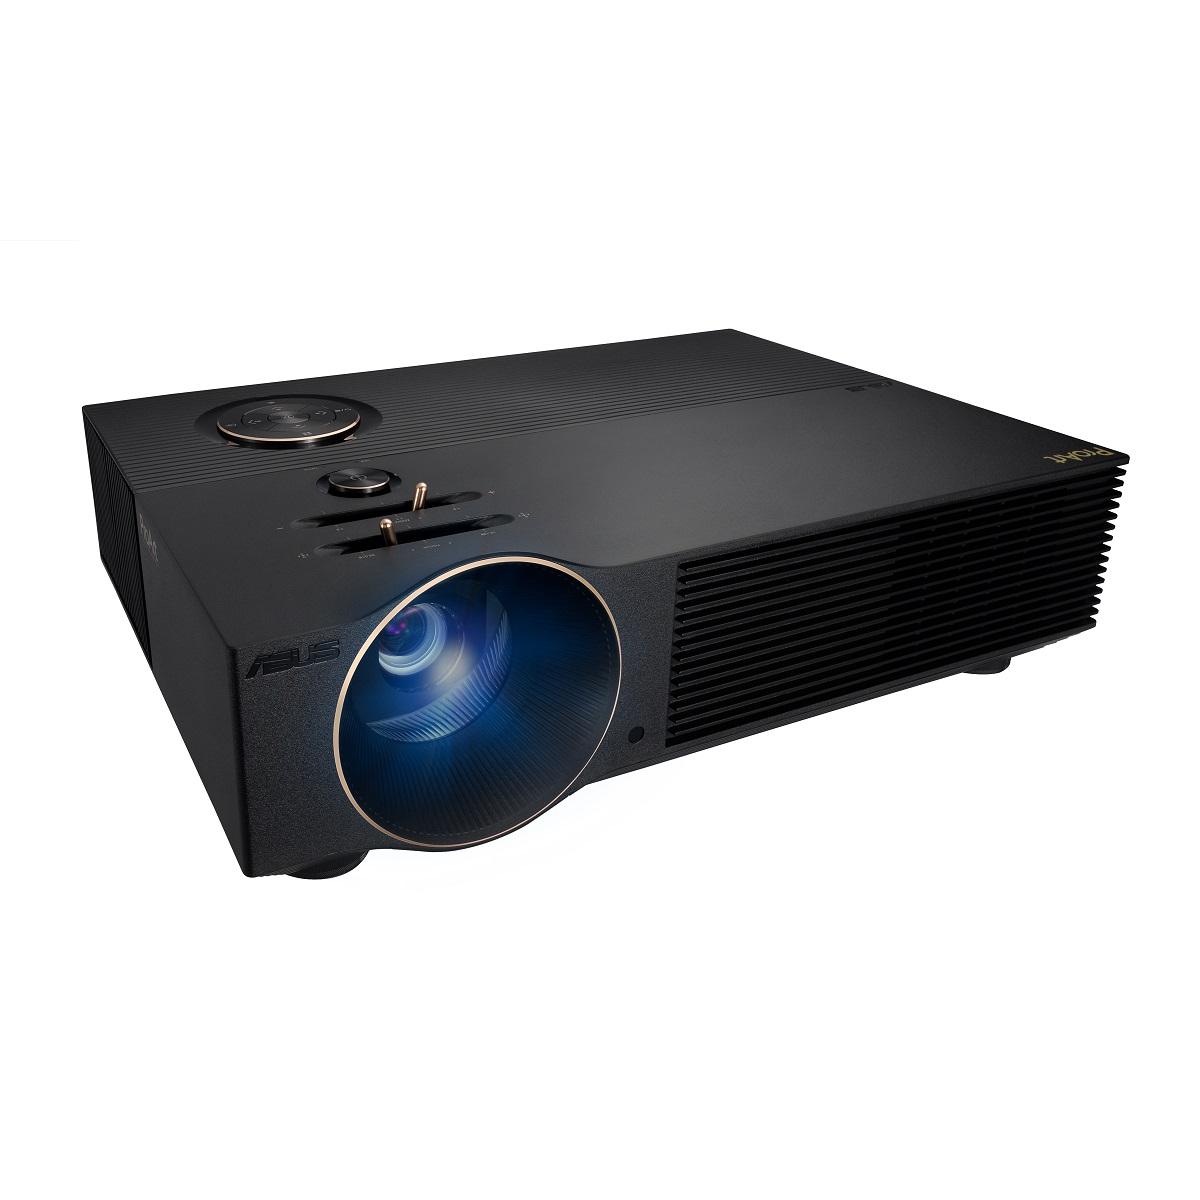 ASUS A1 projector - 90LJ00G0-B00270